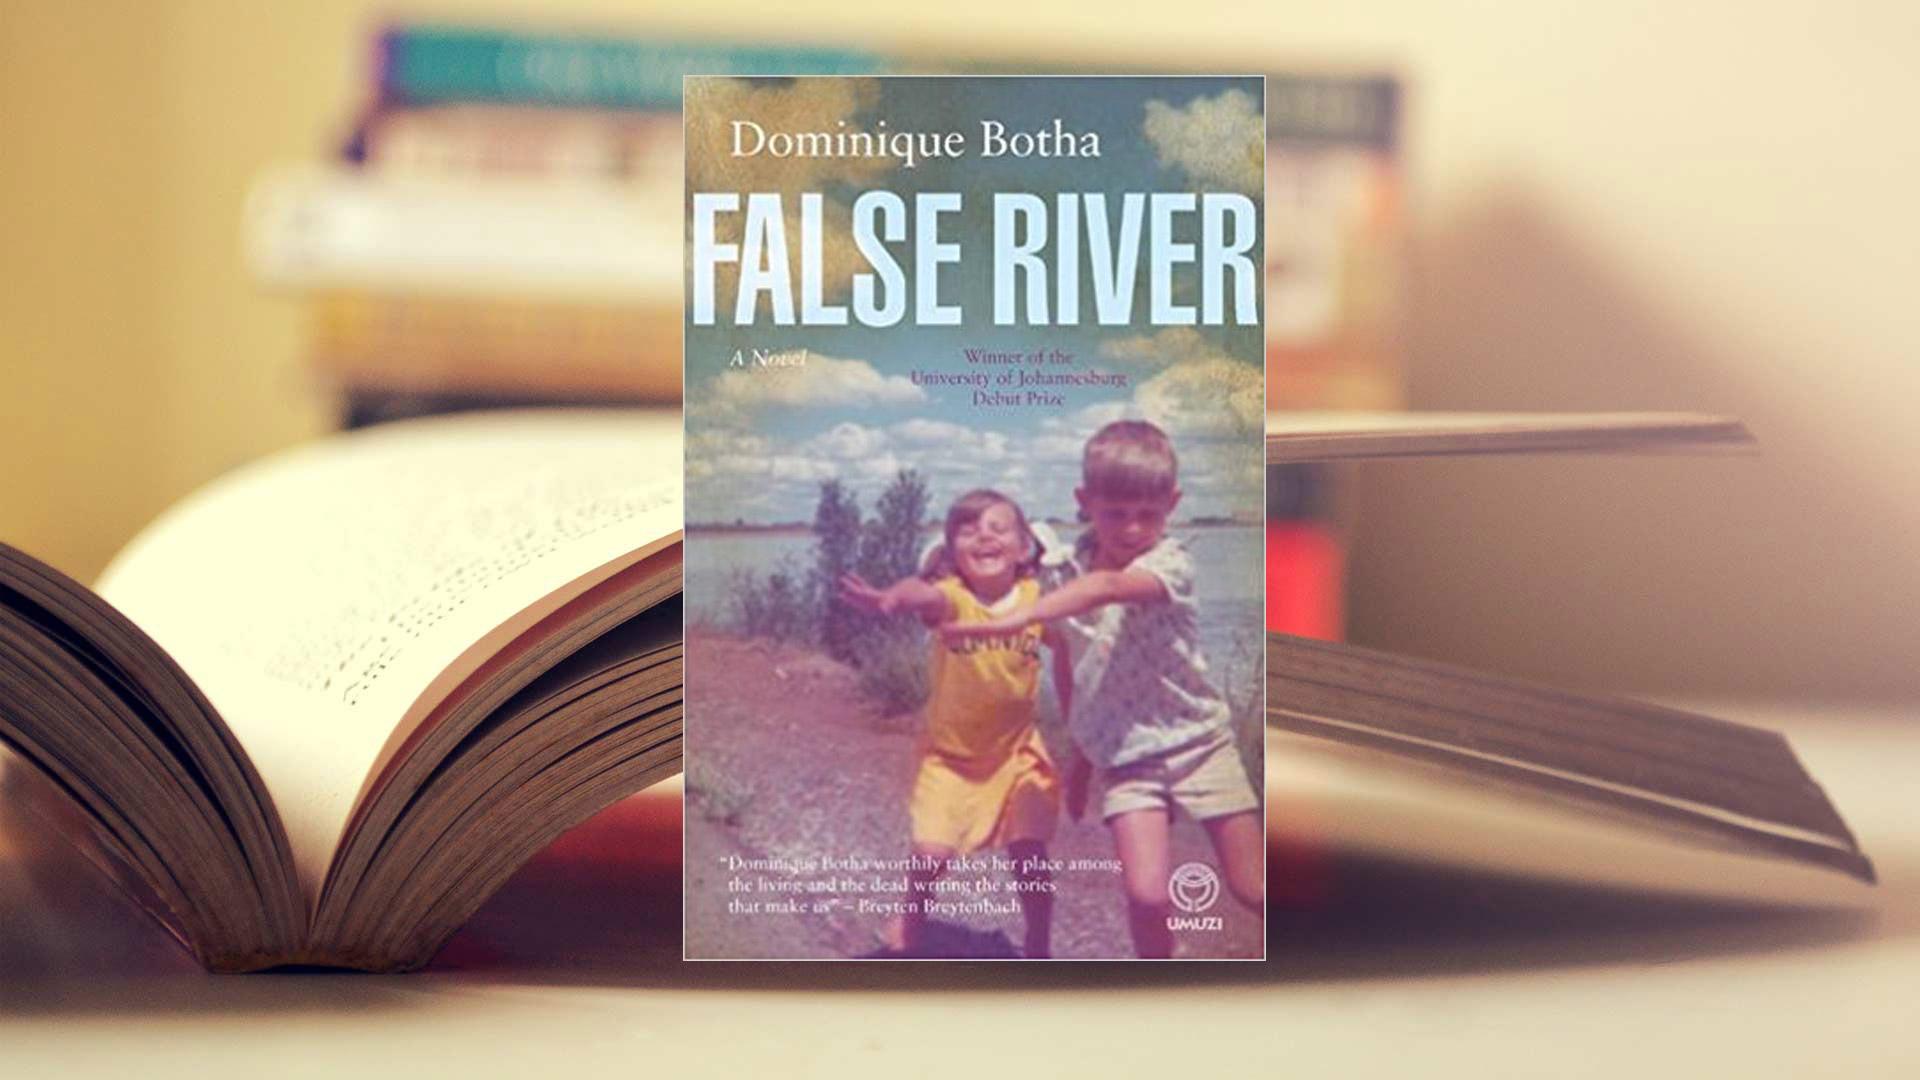 False River by Dominique Botha